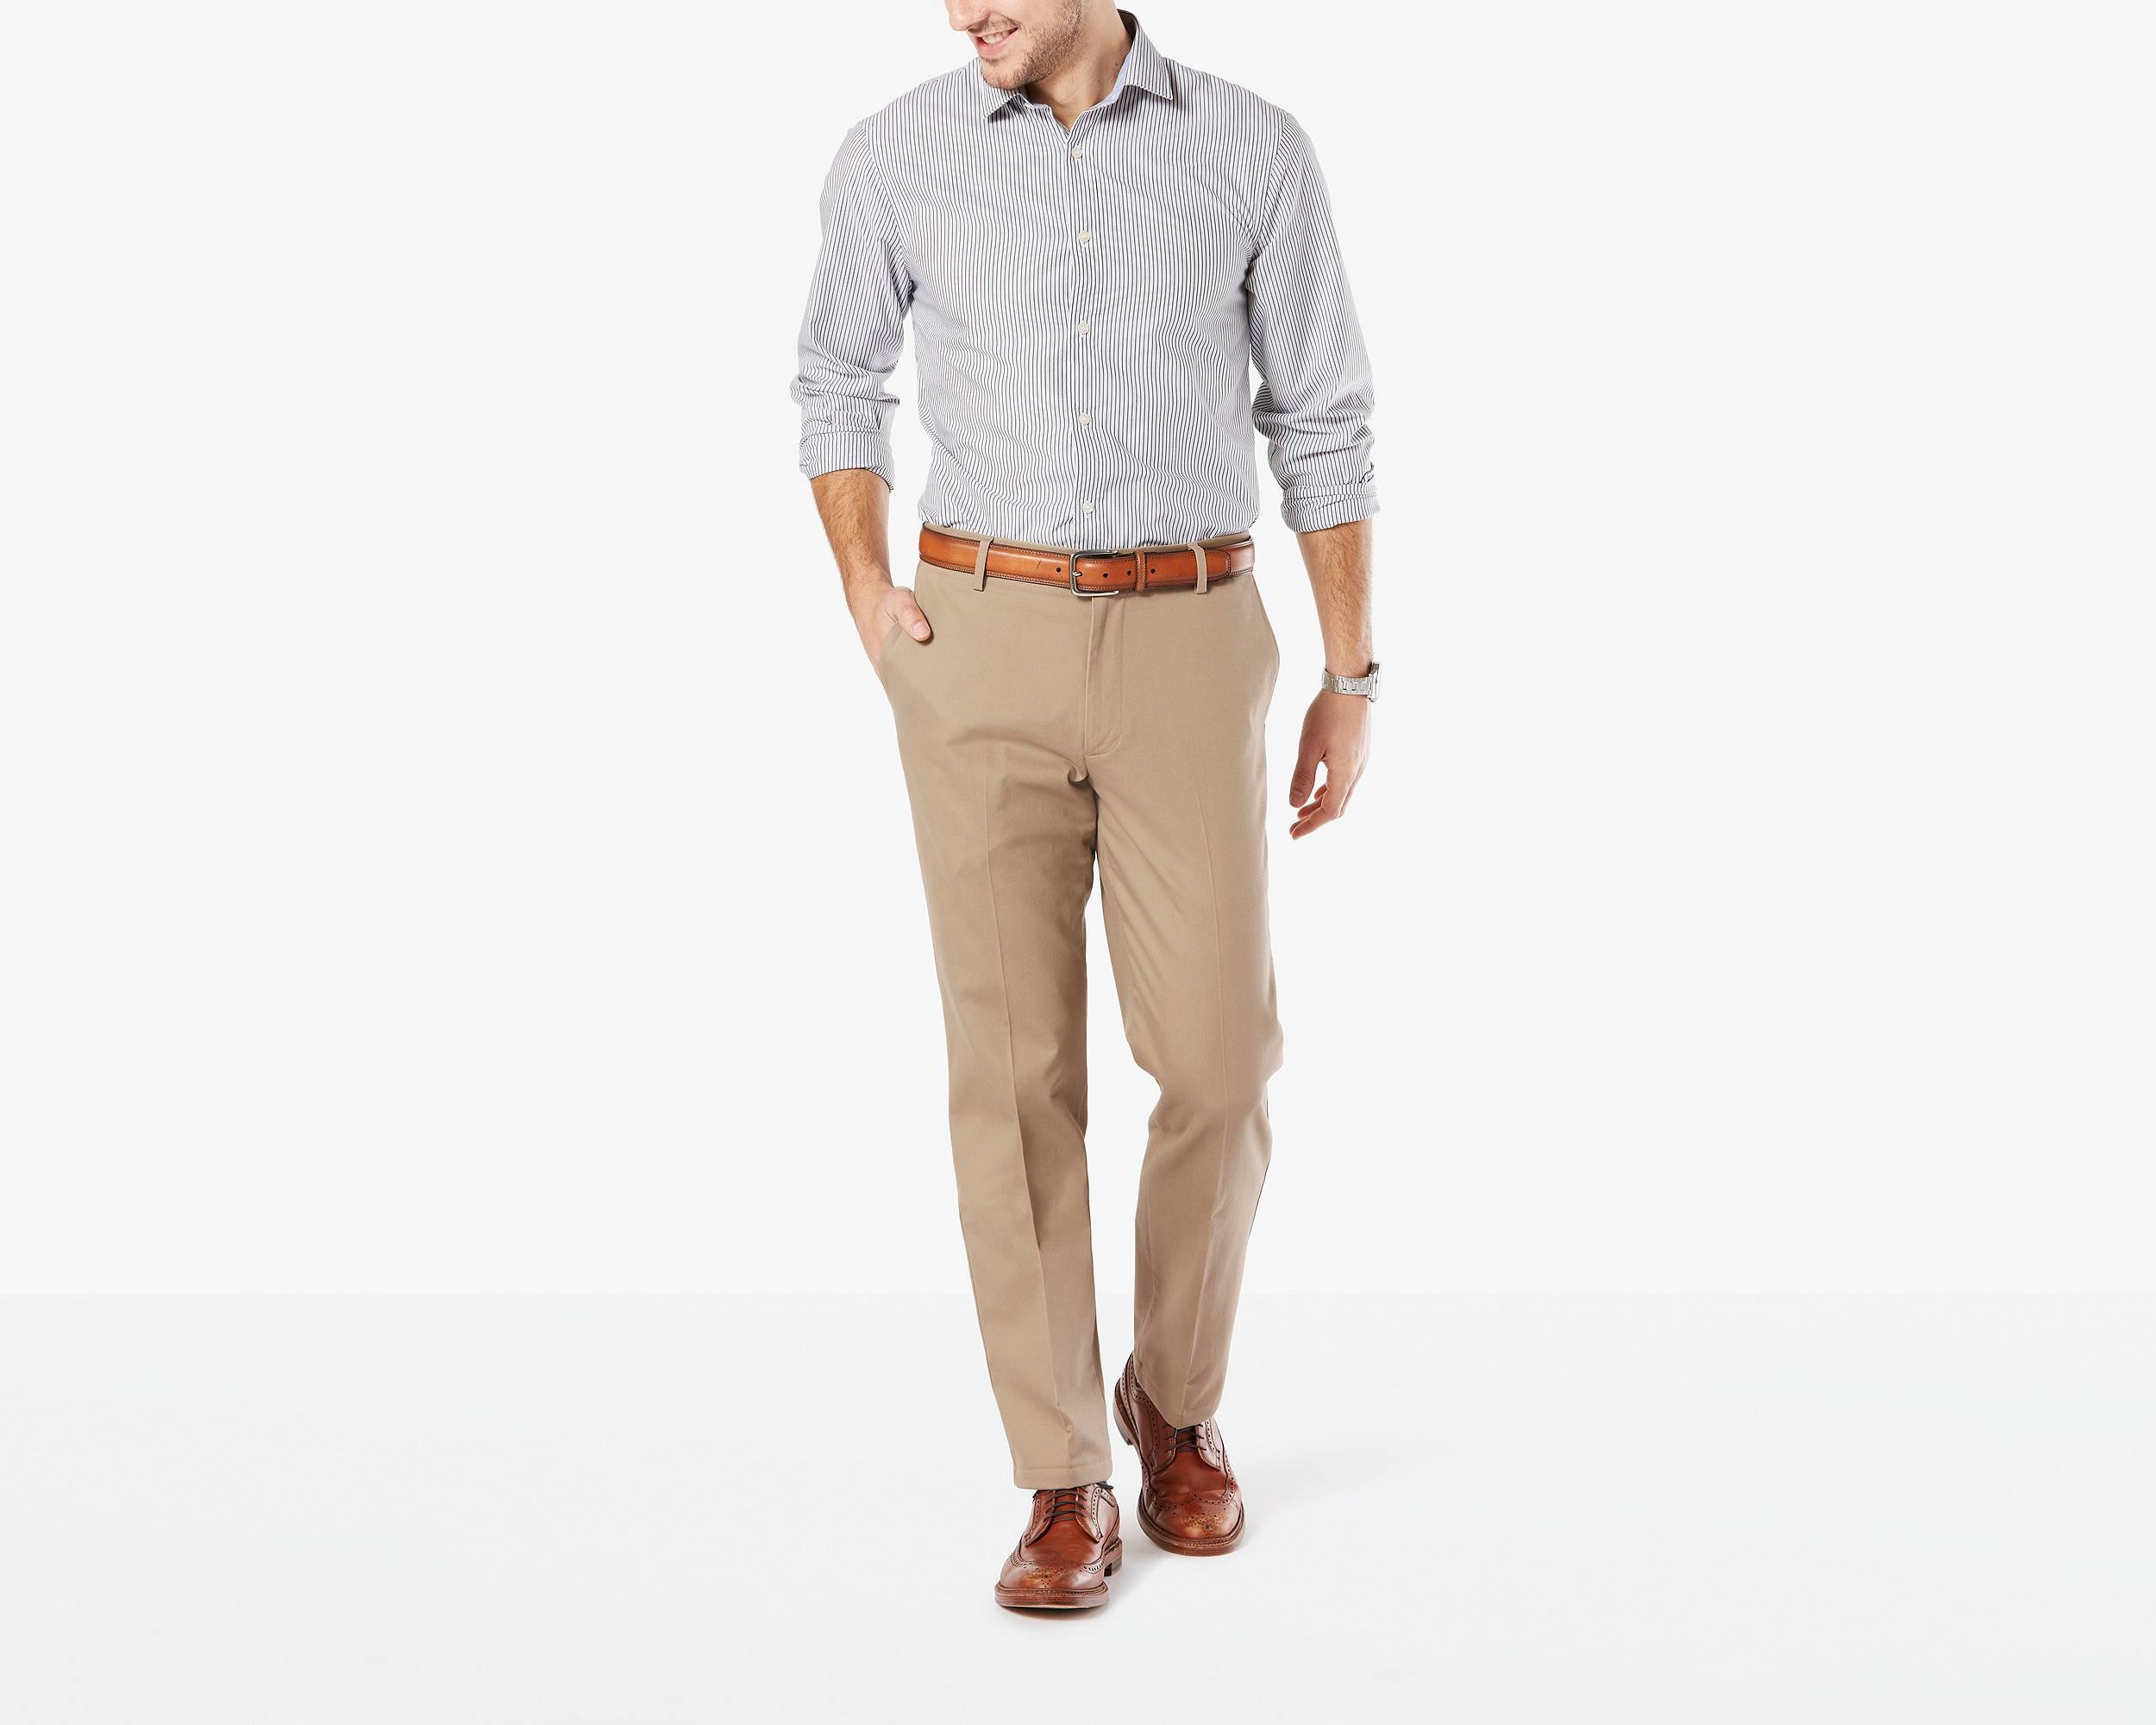 Khaki pants- Importance of khaki dress